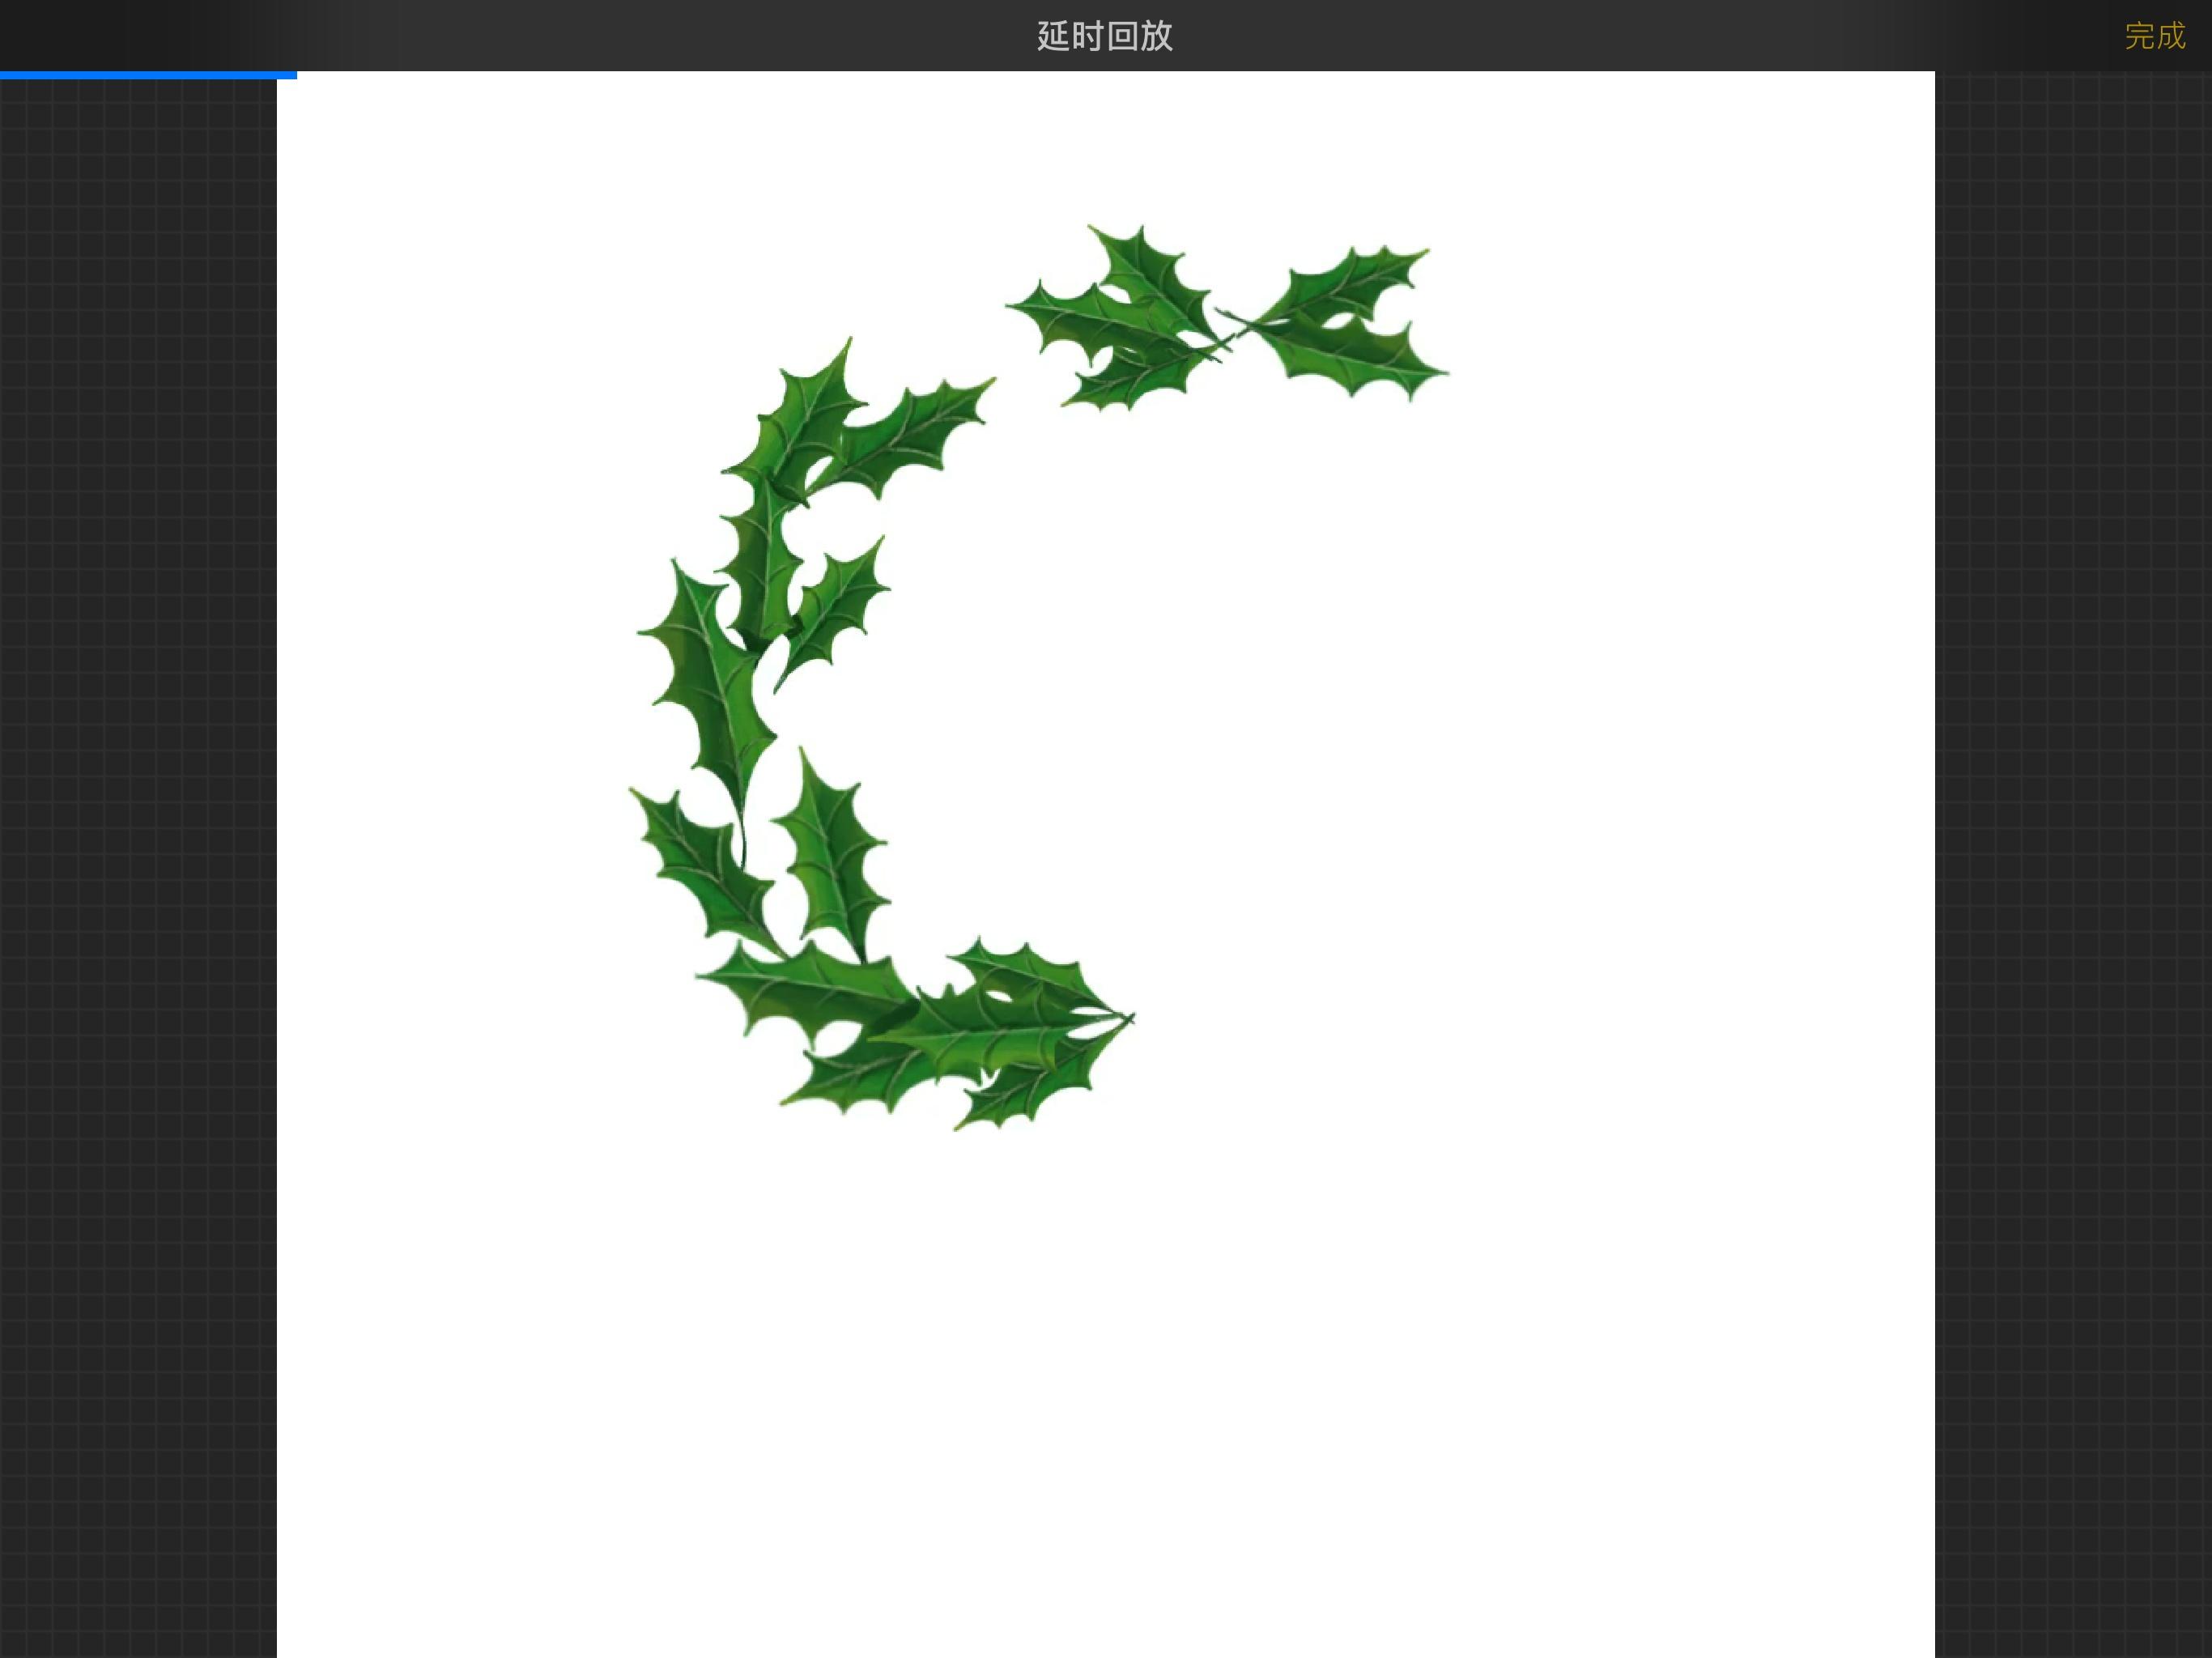 用ipadpro+applepencil绘制圣诞花环礼记说课稿图片